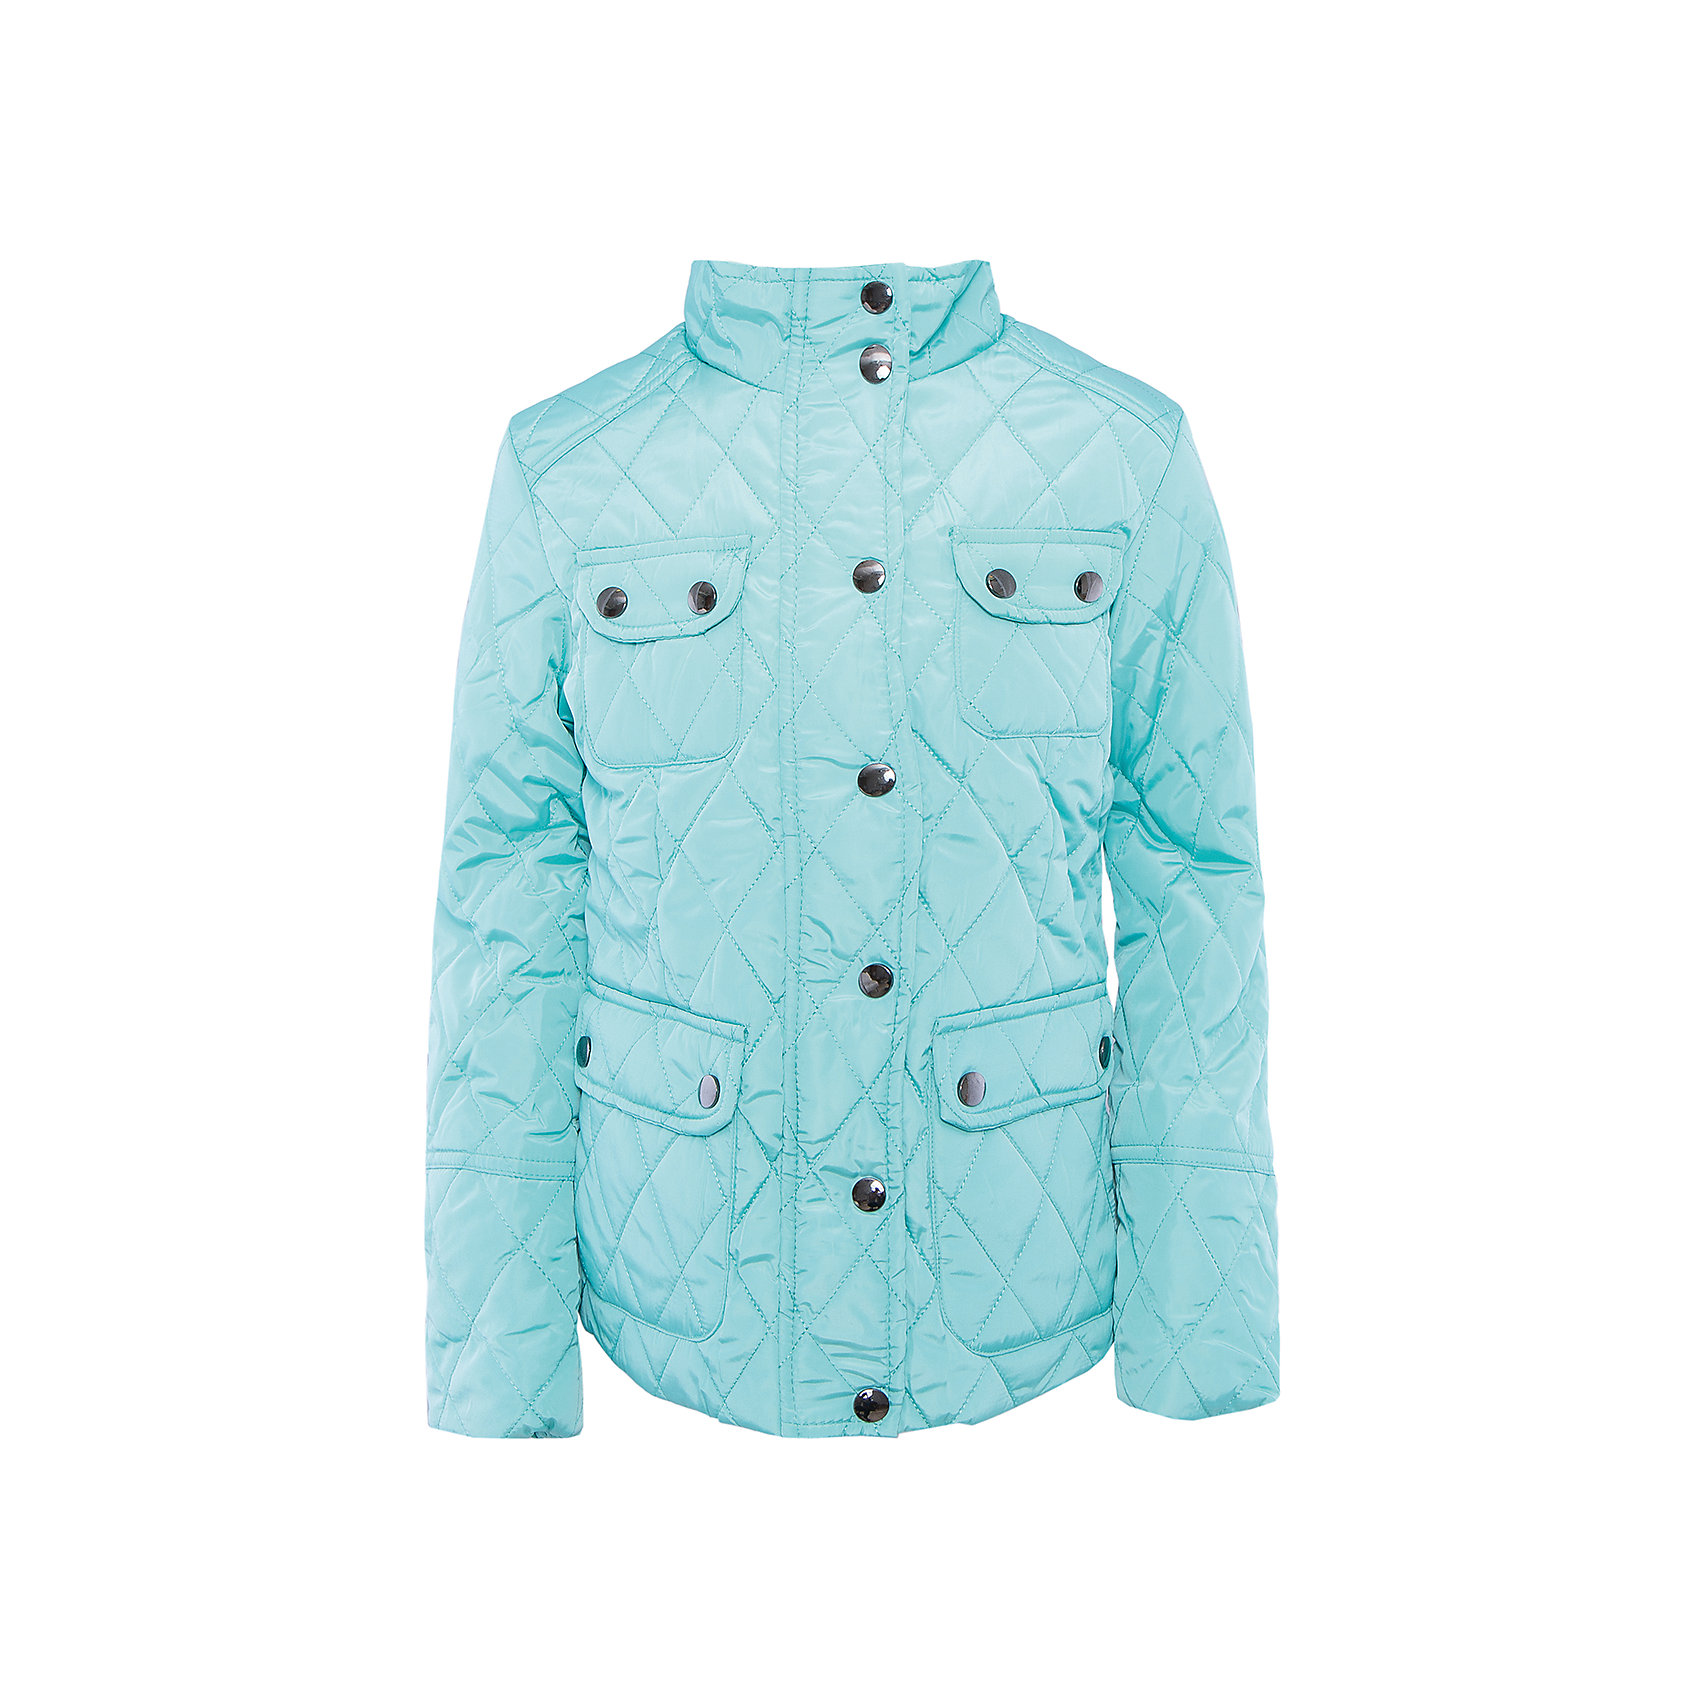 Куртка для девочки LuminosoХарактеристики товара:<br><br>- цвет: голубой;<br>- материал: верх - 100% полиэстер, подкладка - 100% полиэстер, наполнитель - 100% полиэстер;<br>- фурнитура: металл;<br>- застежка: молния;<br>- карманы;<br>- планка от ветра;<br>- стеганая.<br><br>Стильная одежда от бренда Luminoso (Люминосо), созданная при участии итальянских дизайнеров, учитывает потребности подростков и последние веяния моды. Она удобная и модная.<br>Эта легкая куртка - для прохладной погоды. Она хорошо сидит на ребенке, обеспечивает комфорт и отлично сочетается с одежной разных стилей. Модель отличается высоким качеством швов и продуманным дизайном.<br><br>Куртку для девочки от бренда Luminoso (Люминосо) можно купить в нашем интернет-магазине.<br><br>Ширина мм: 356<br>Глубина мм: 10<br>Высота мм: 245<br>Вес г: 519<br>Цвет: фиолетовый<br>Возраст от месяцев: 120<br>Возраст до месяцев: 132<br>Пол: Женский<br>Возраст: Детский<br>Размер: 140,152,158,164,134,146<br>SKU: 4929450